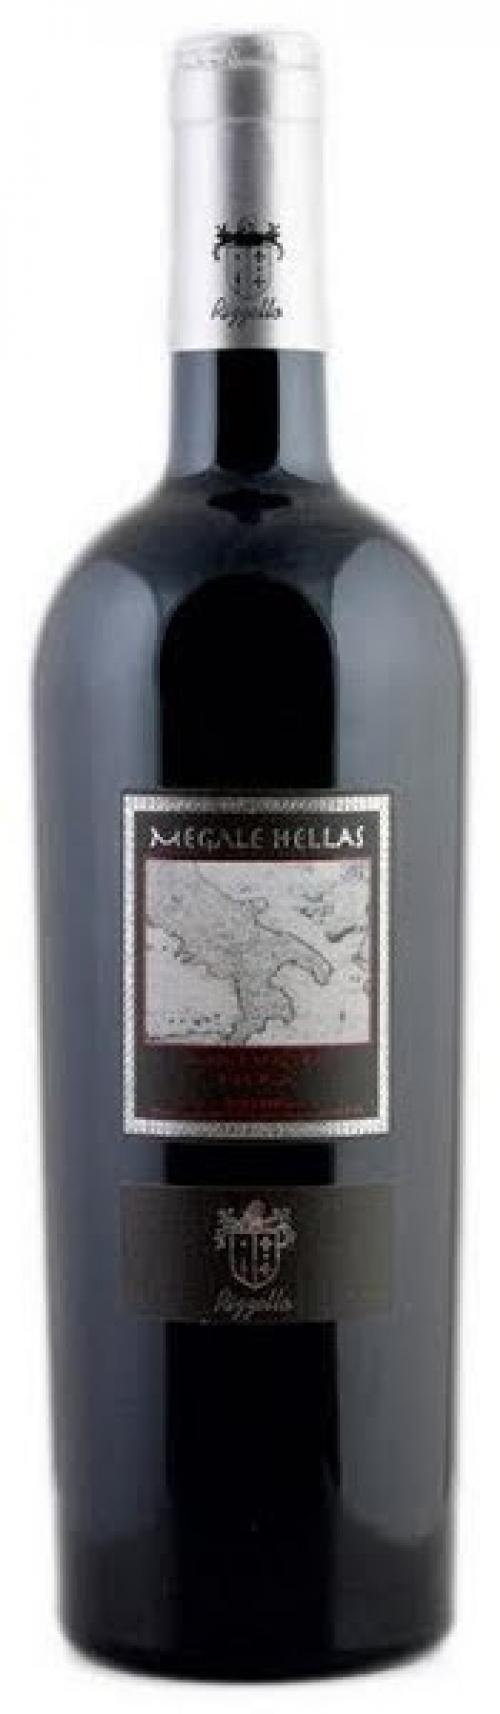 Rượu vang Le Vigne di Sammarco Megale Hellas Malvasia Nera Salento 2013